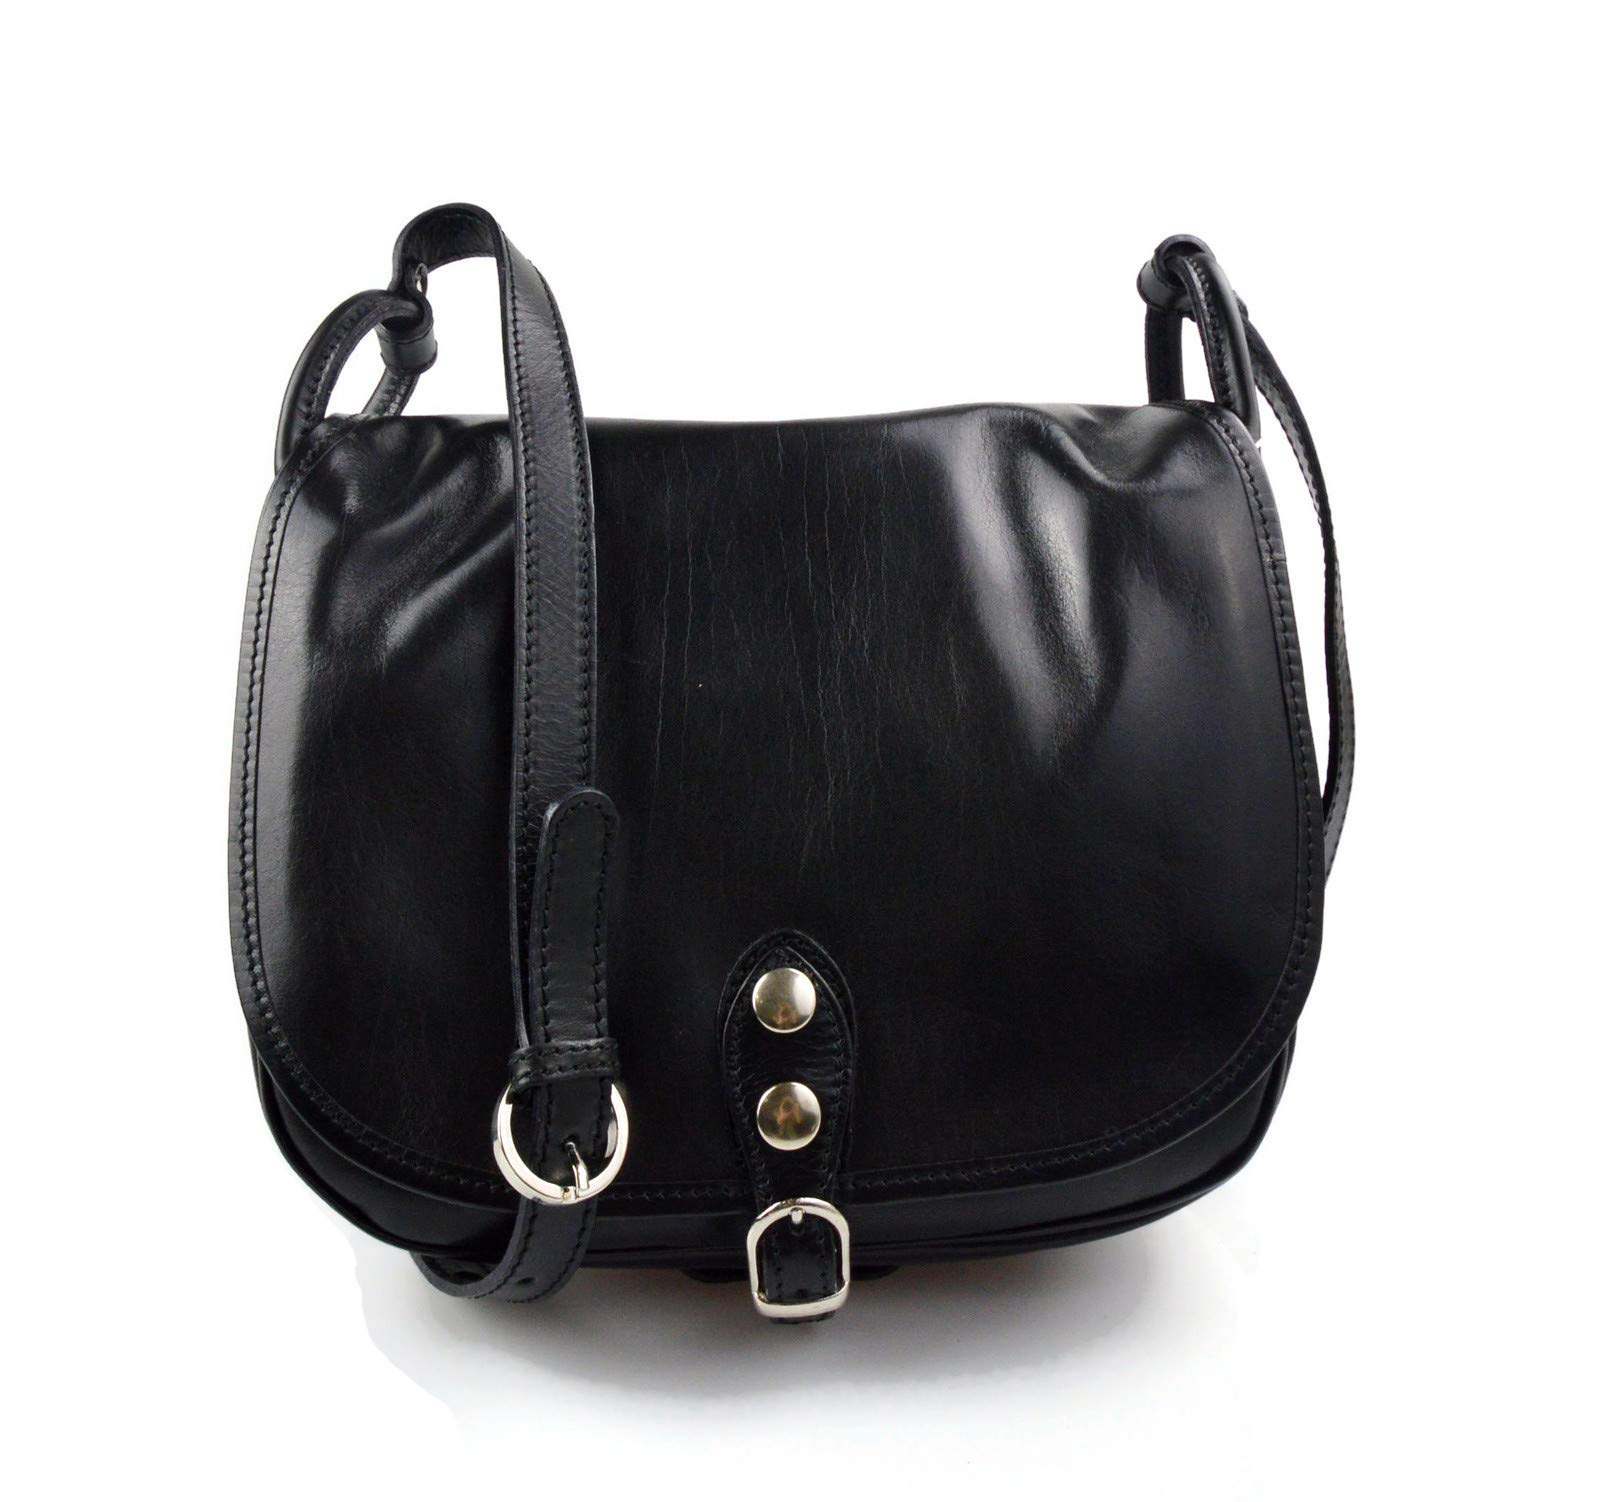 d25c70da25eee0 71o7DL0BehL - Ladies handbag leather bag clutch hobo bag shoulder bag  crossbody bag made in Italy